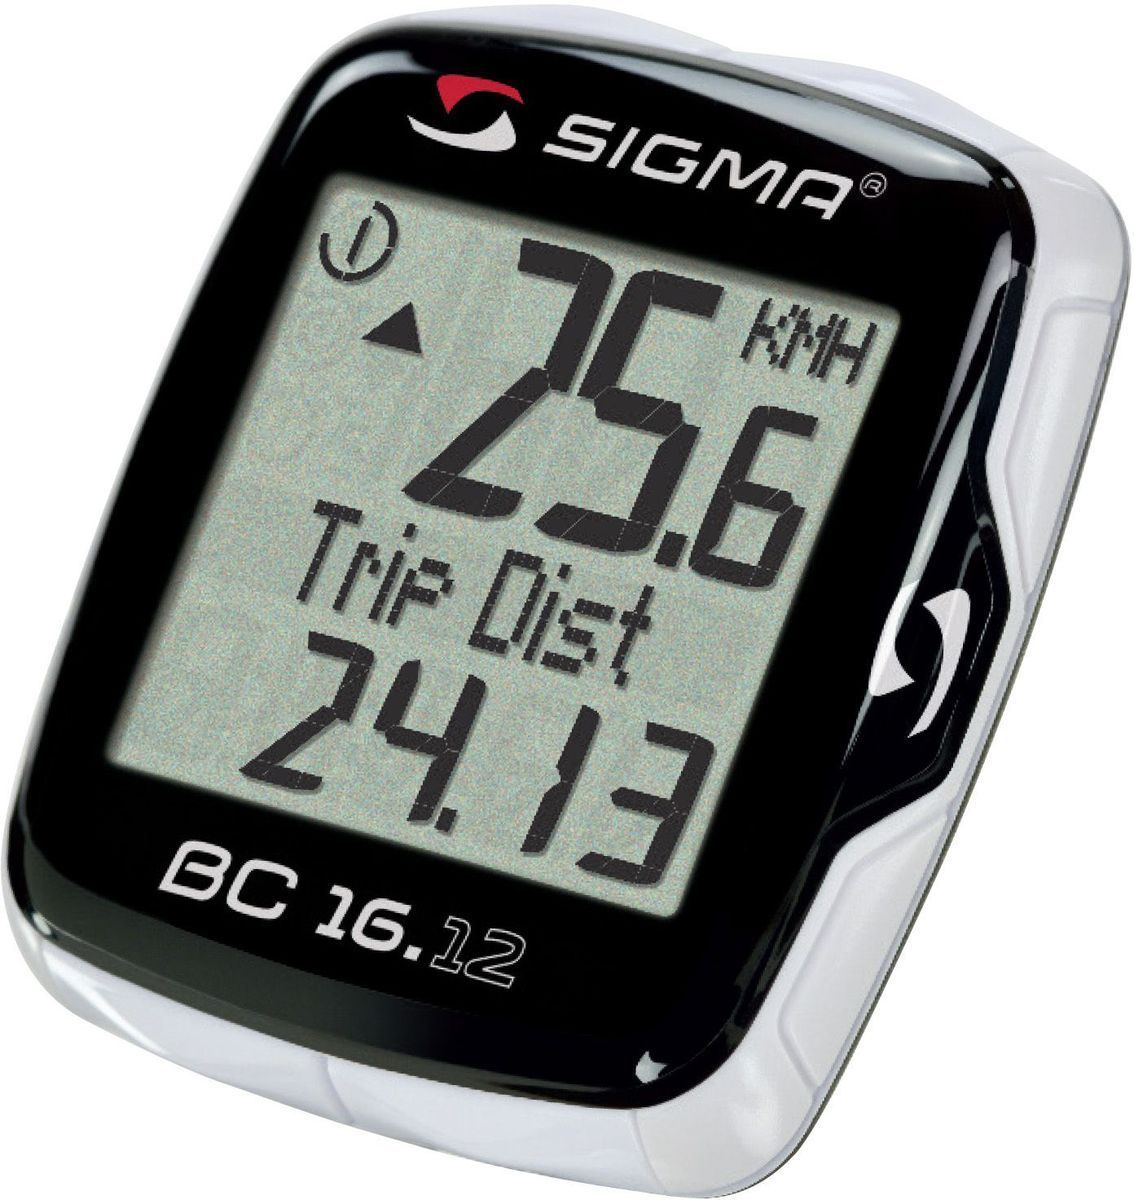 Велокомпьютер Sigma BC 16.12 Тopline, проводной, 16 функцийХ53938Функции: текущая скорость средняя скорость максимальная скорость сравнение текущей и максимальной скоростей дистанция поездки общий путь для 1 / 2 / 1+2 велосипедов (не показывается во время движения) отдельный счетчик пути с ручным включением/выключением время в пути общее время 1 / 2 / 1+2 велосипедов (не показывается во время движения) отдельный счетчик времени с ручным включением/выключением часы таймер обратного отсчета текущая температураС этой моделью возможно использование каденса (докупается отдельно) Автоматическое включение/выключение при езде и остановке Влагозащищен Подсветка Есть возможность подключения к компьютеру с помощью дополнительных аксессуаров